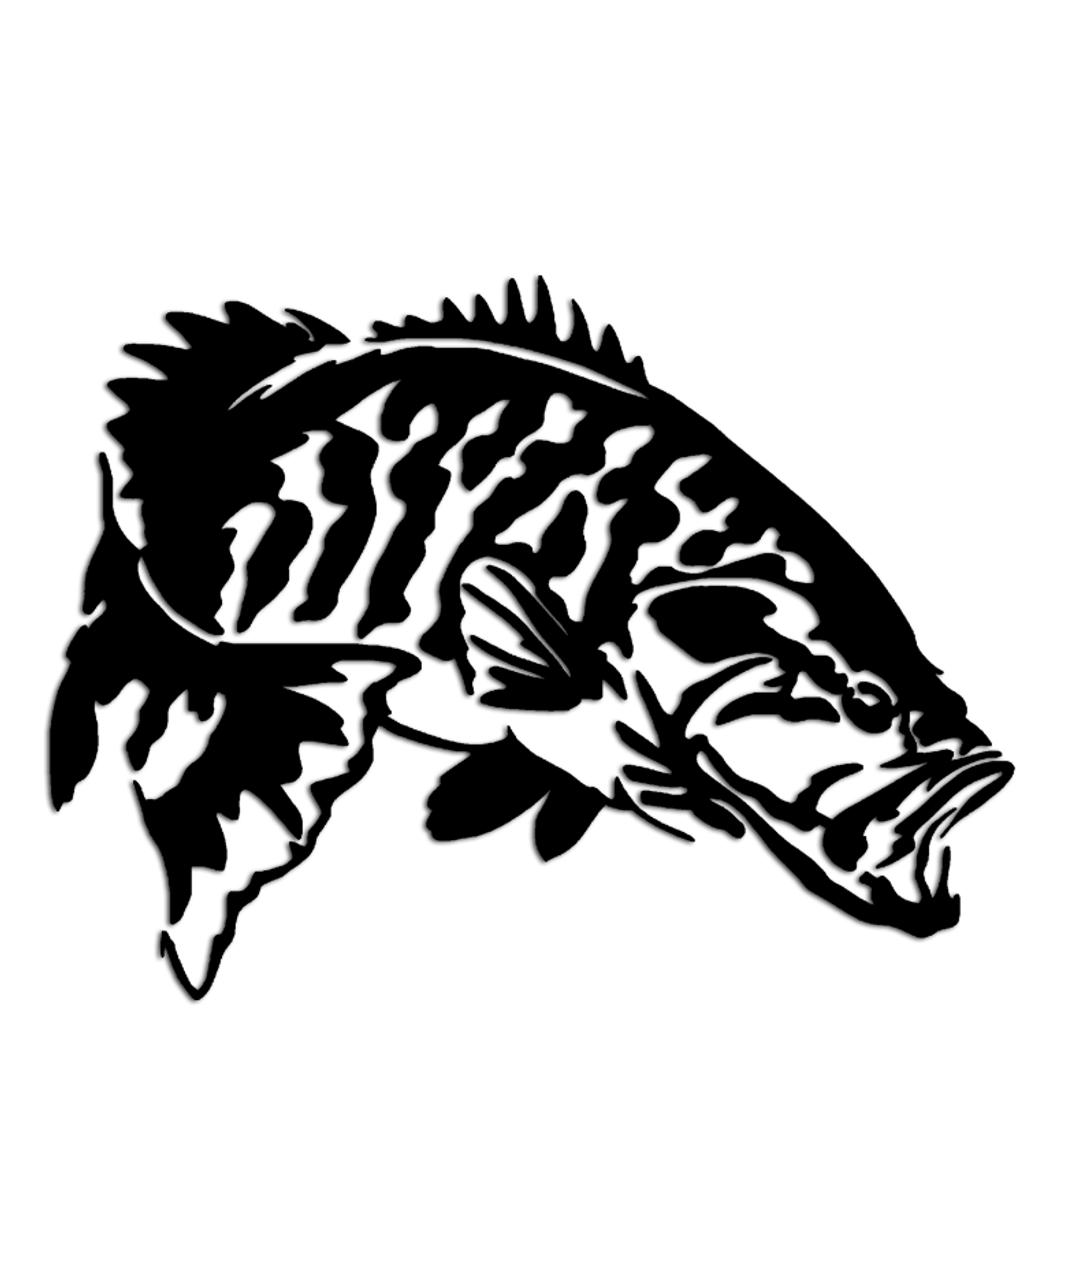 smallmouth bass fishing sticker